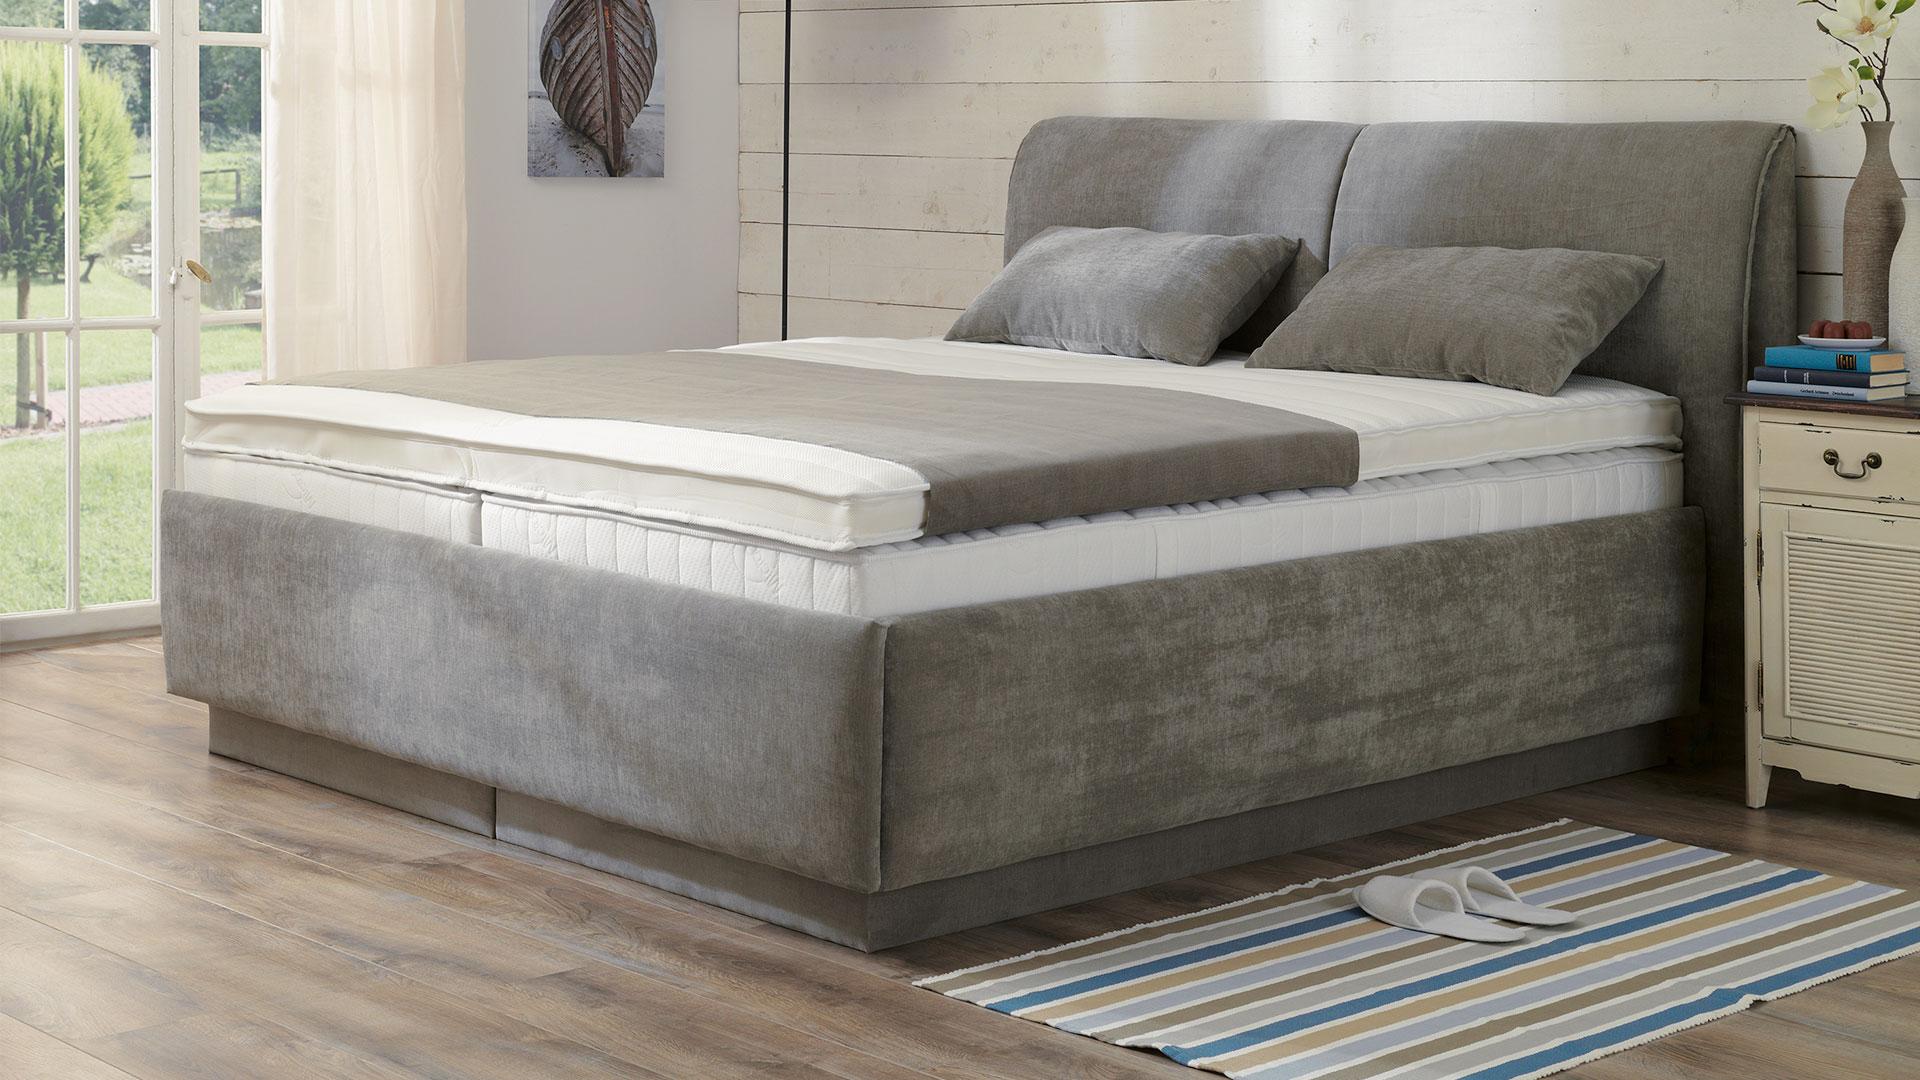 Full Size of Betten überlänge Komforthhenbetten Billige Jabo Outlet Mit Bettkasten Ikea 160x200 Holz Schöne Köln Günstige 180x200 Kinder Hohe Bett Betten überlänge